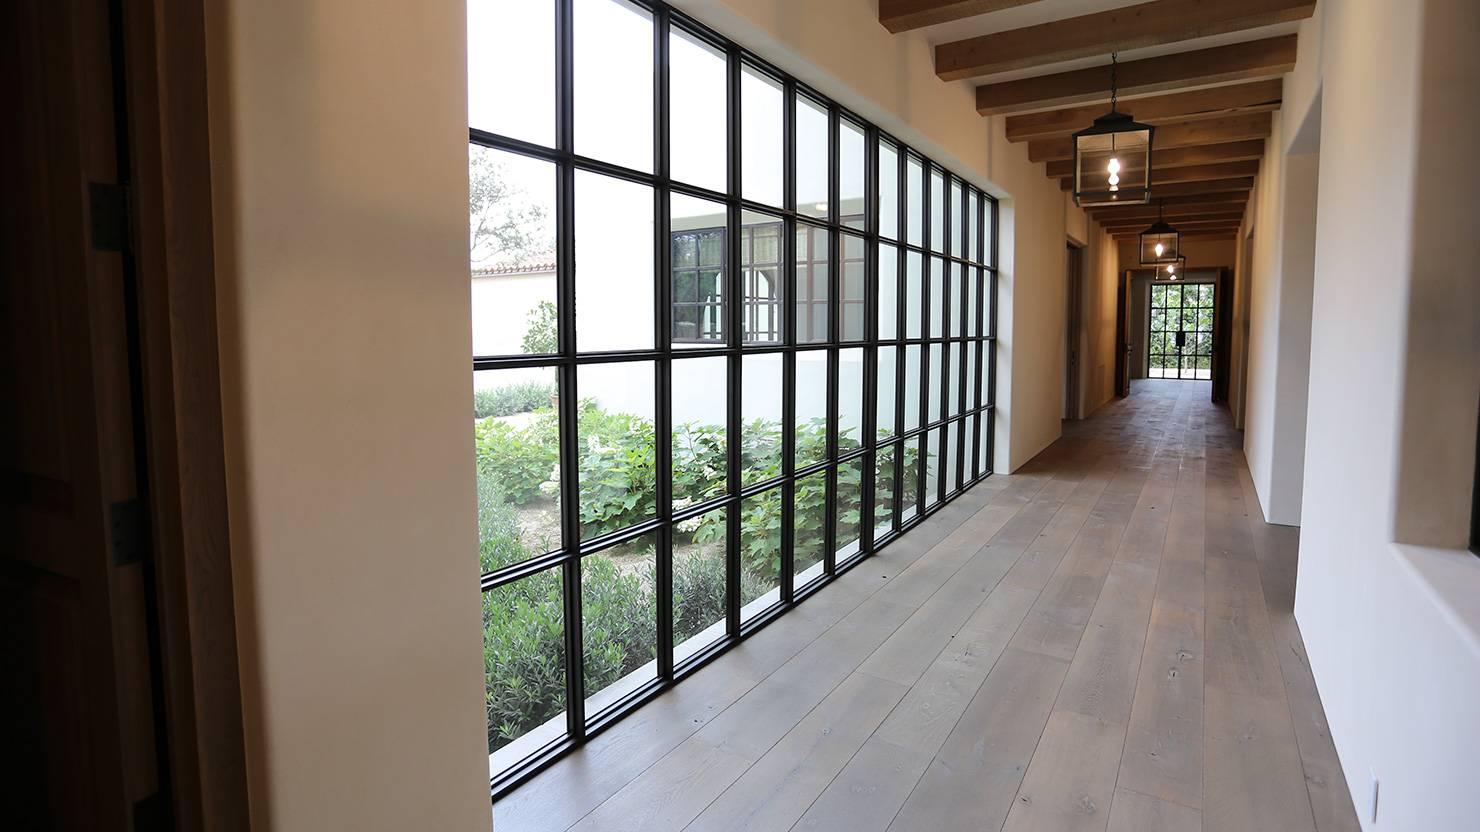 acciaio-zincato-serramenti-facciata-villa-moresca-seccosistemi-2_project_big